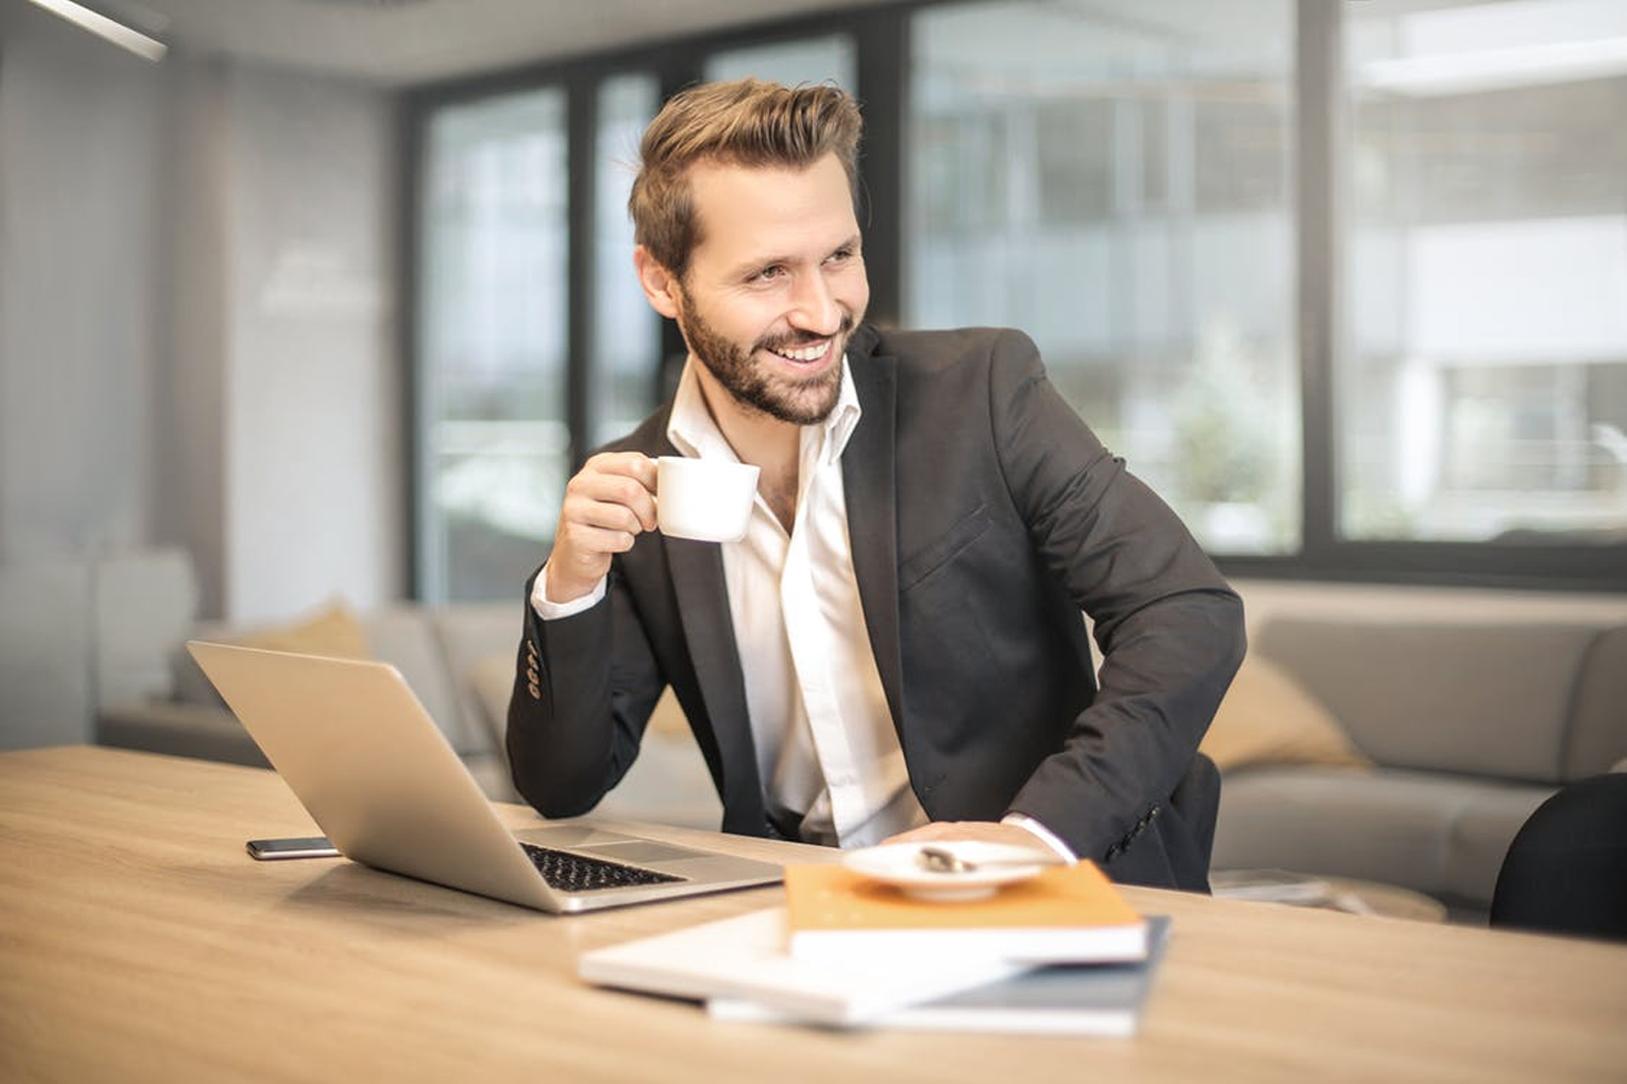 5 indicadores chaves para medir o desempenho de um negócio